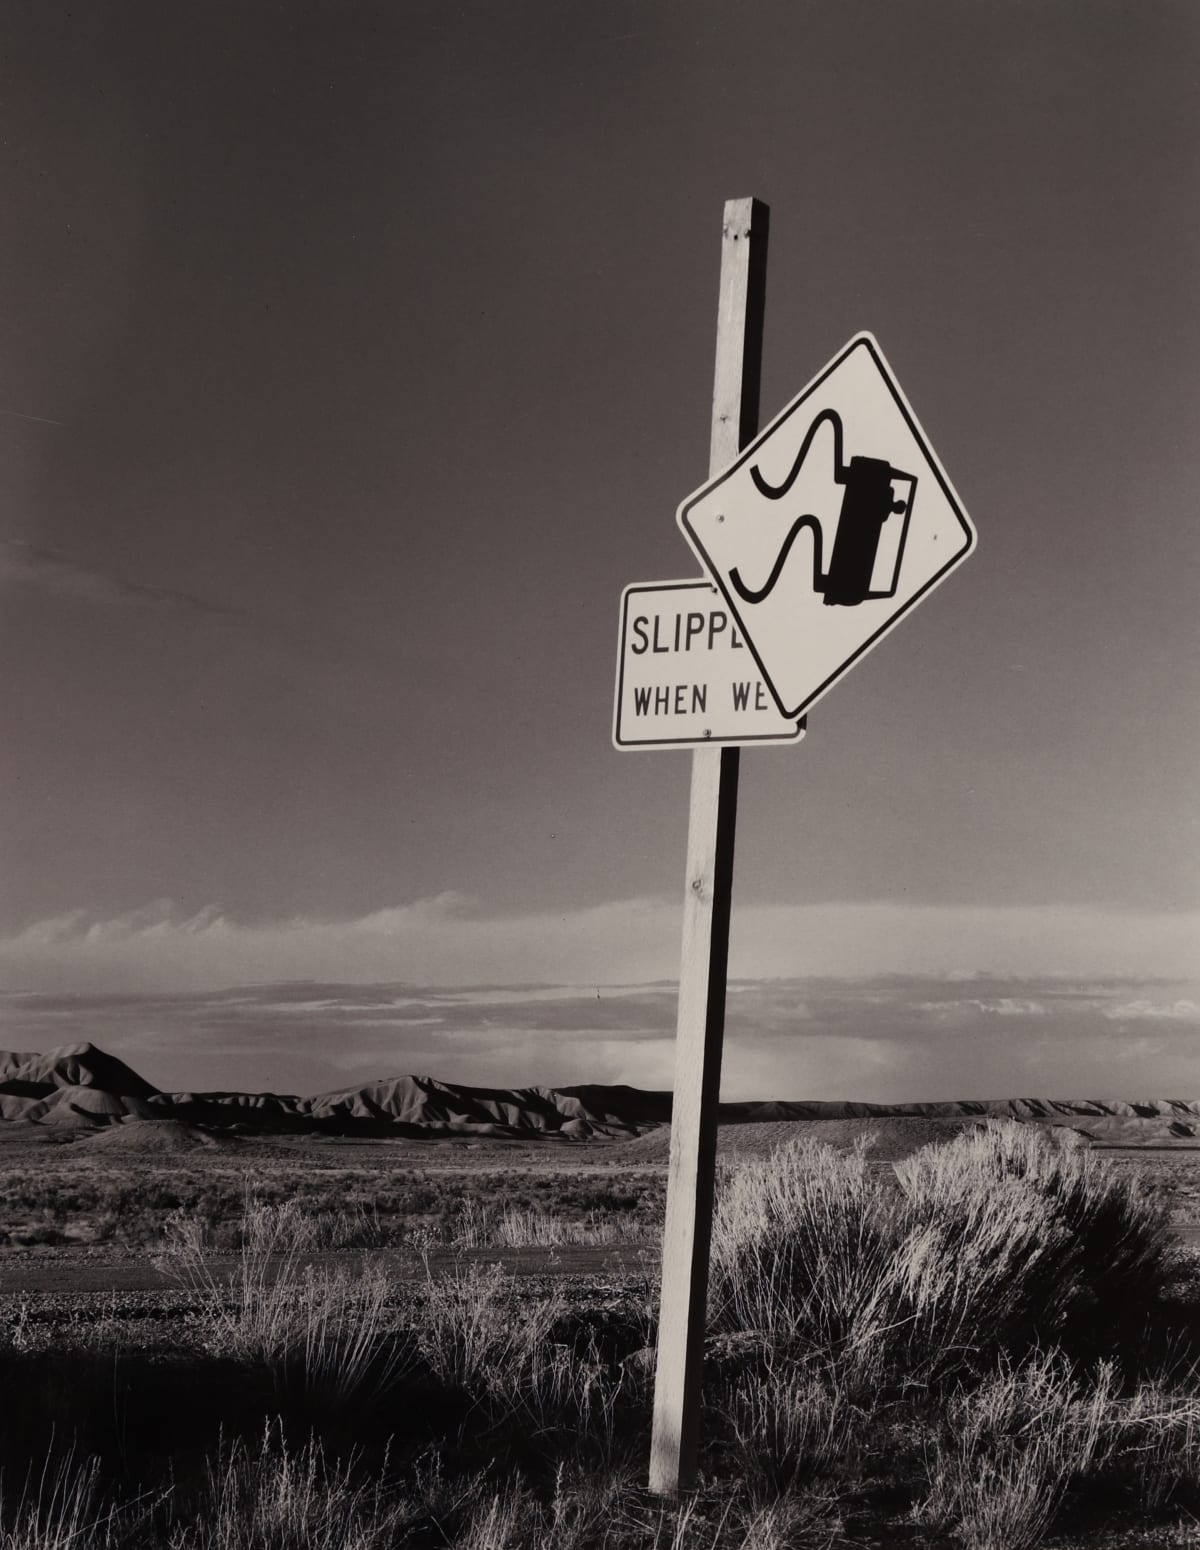 Bob Kolbrener, Slippery When Wet, Utah, 1979